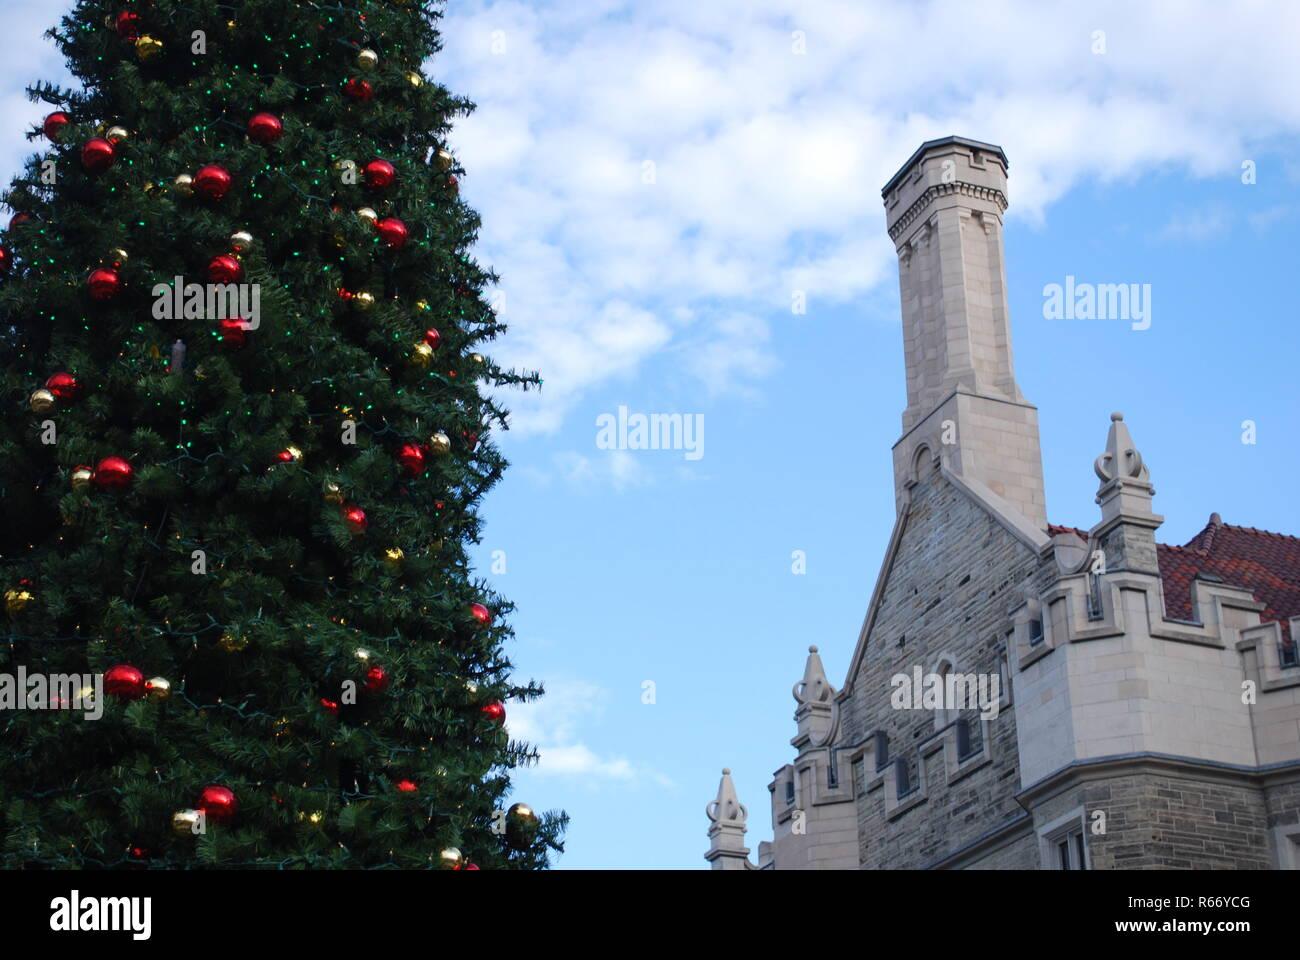 Albero Di Natale Grande.Grande Albero Di Natale Feste Decorazioni Inverno Festa Di